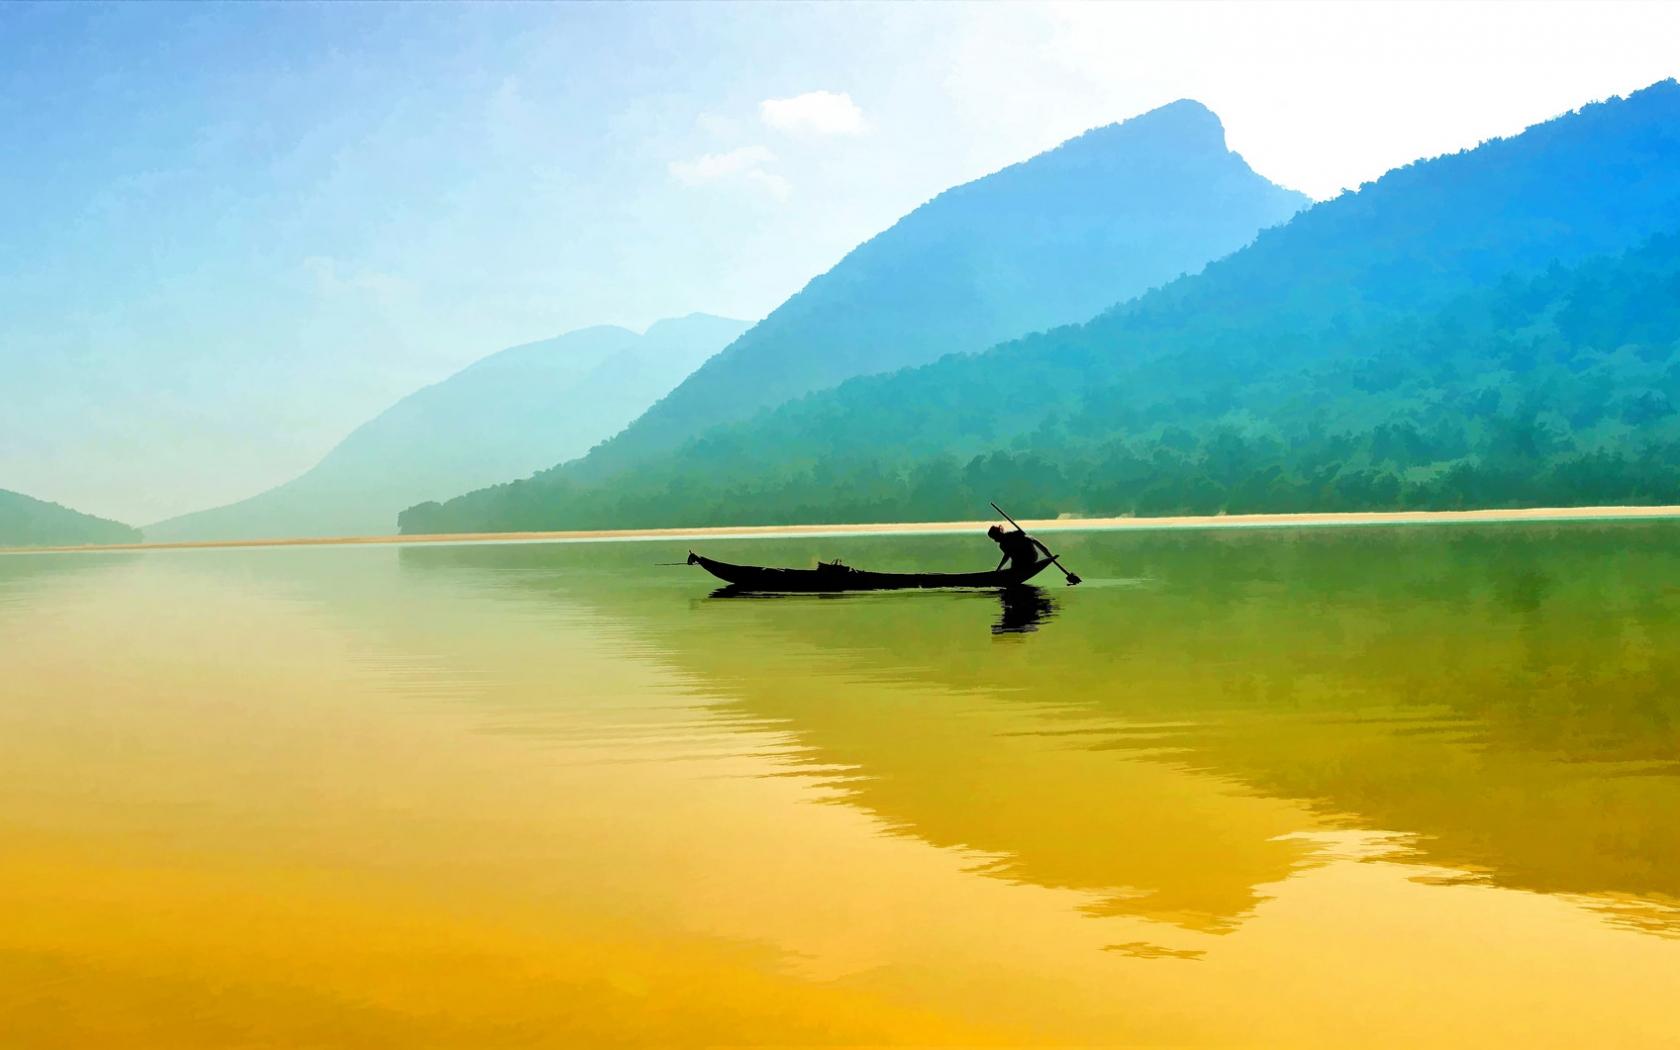 Pesca en un rio - 1680x1050